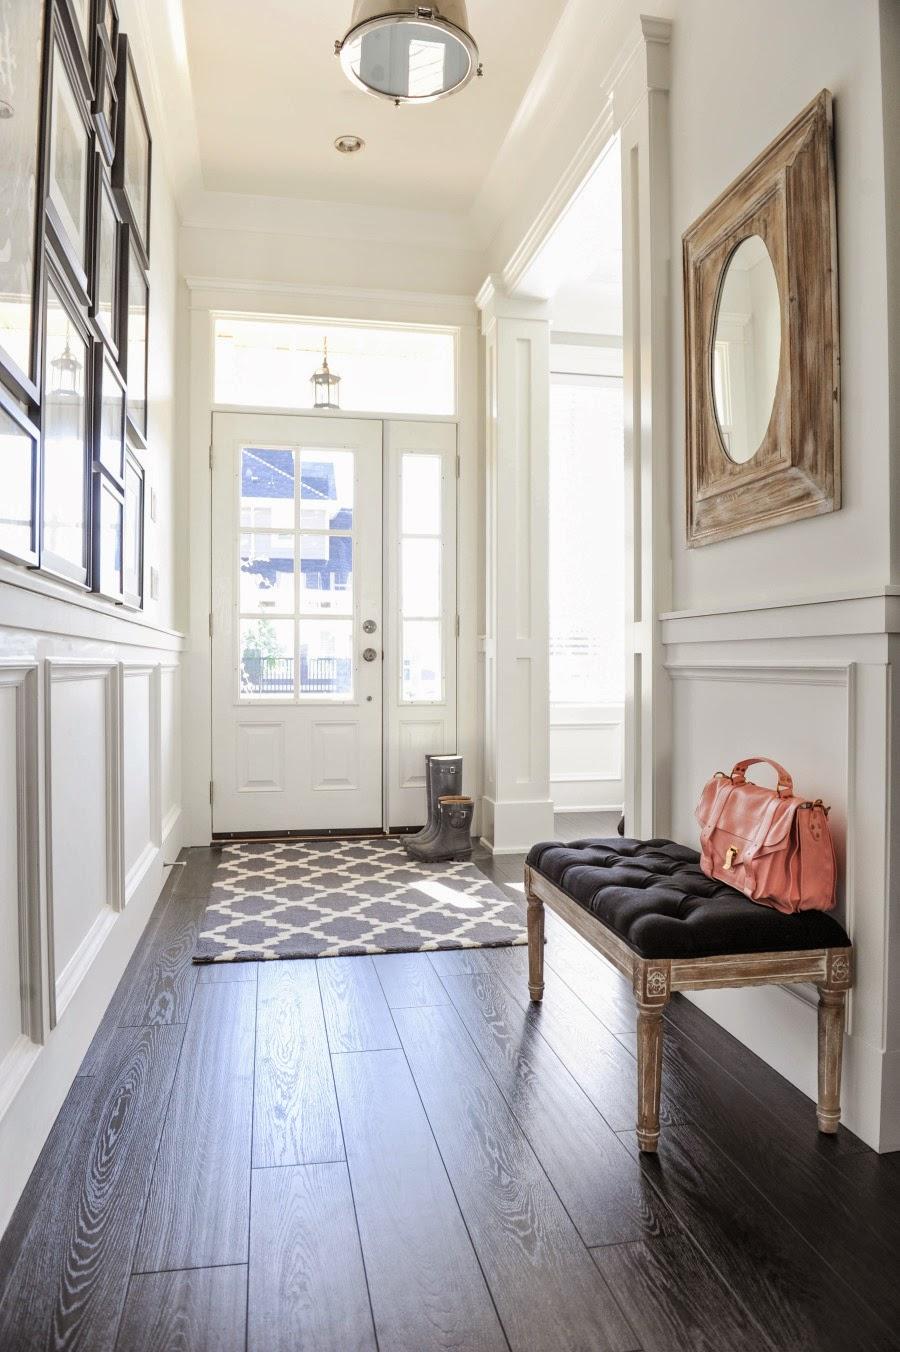 wystrój wnętrz, wnętrza, urządzanie mieszkania, dom, home decor, dekoracje, aranżacje, białe wnętrza, przedpokój